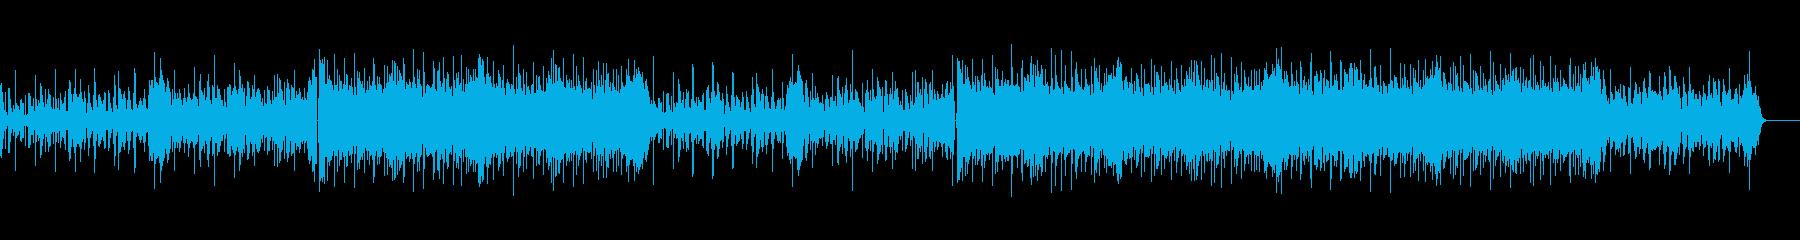 おしゃれで軽快なCM・店舗用BGMの再生済みの波形